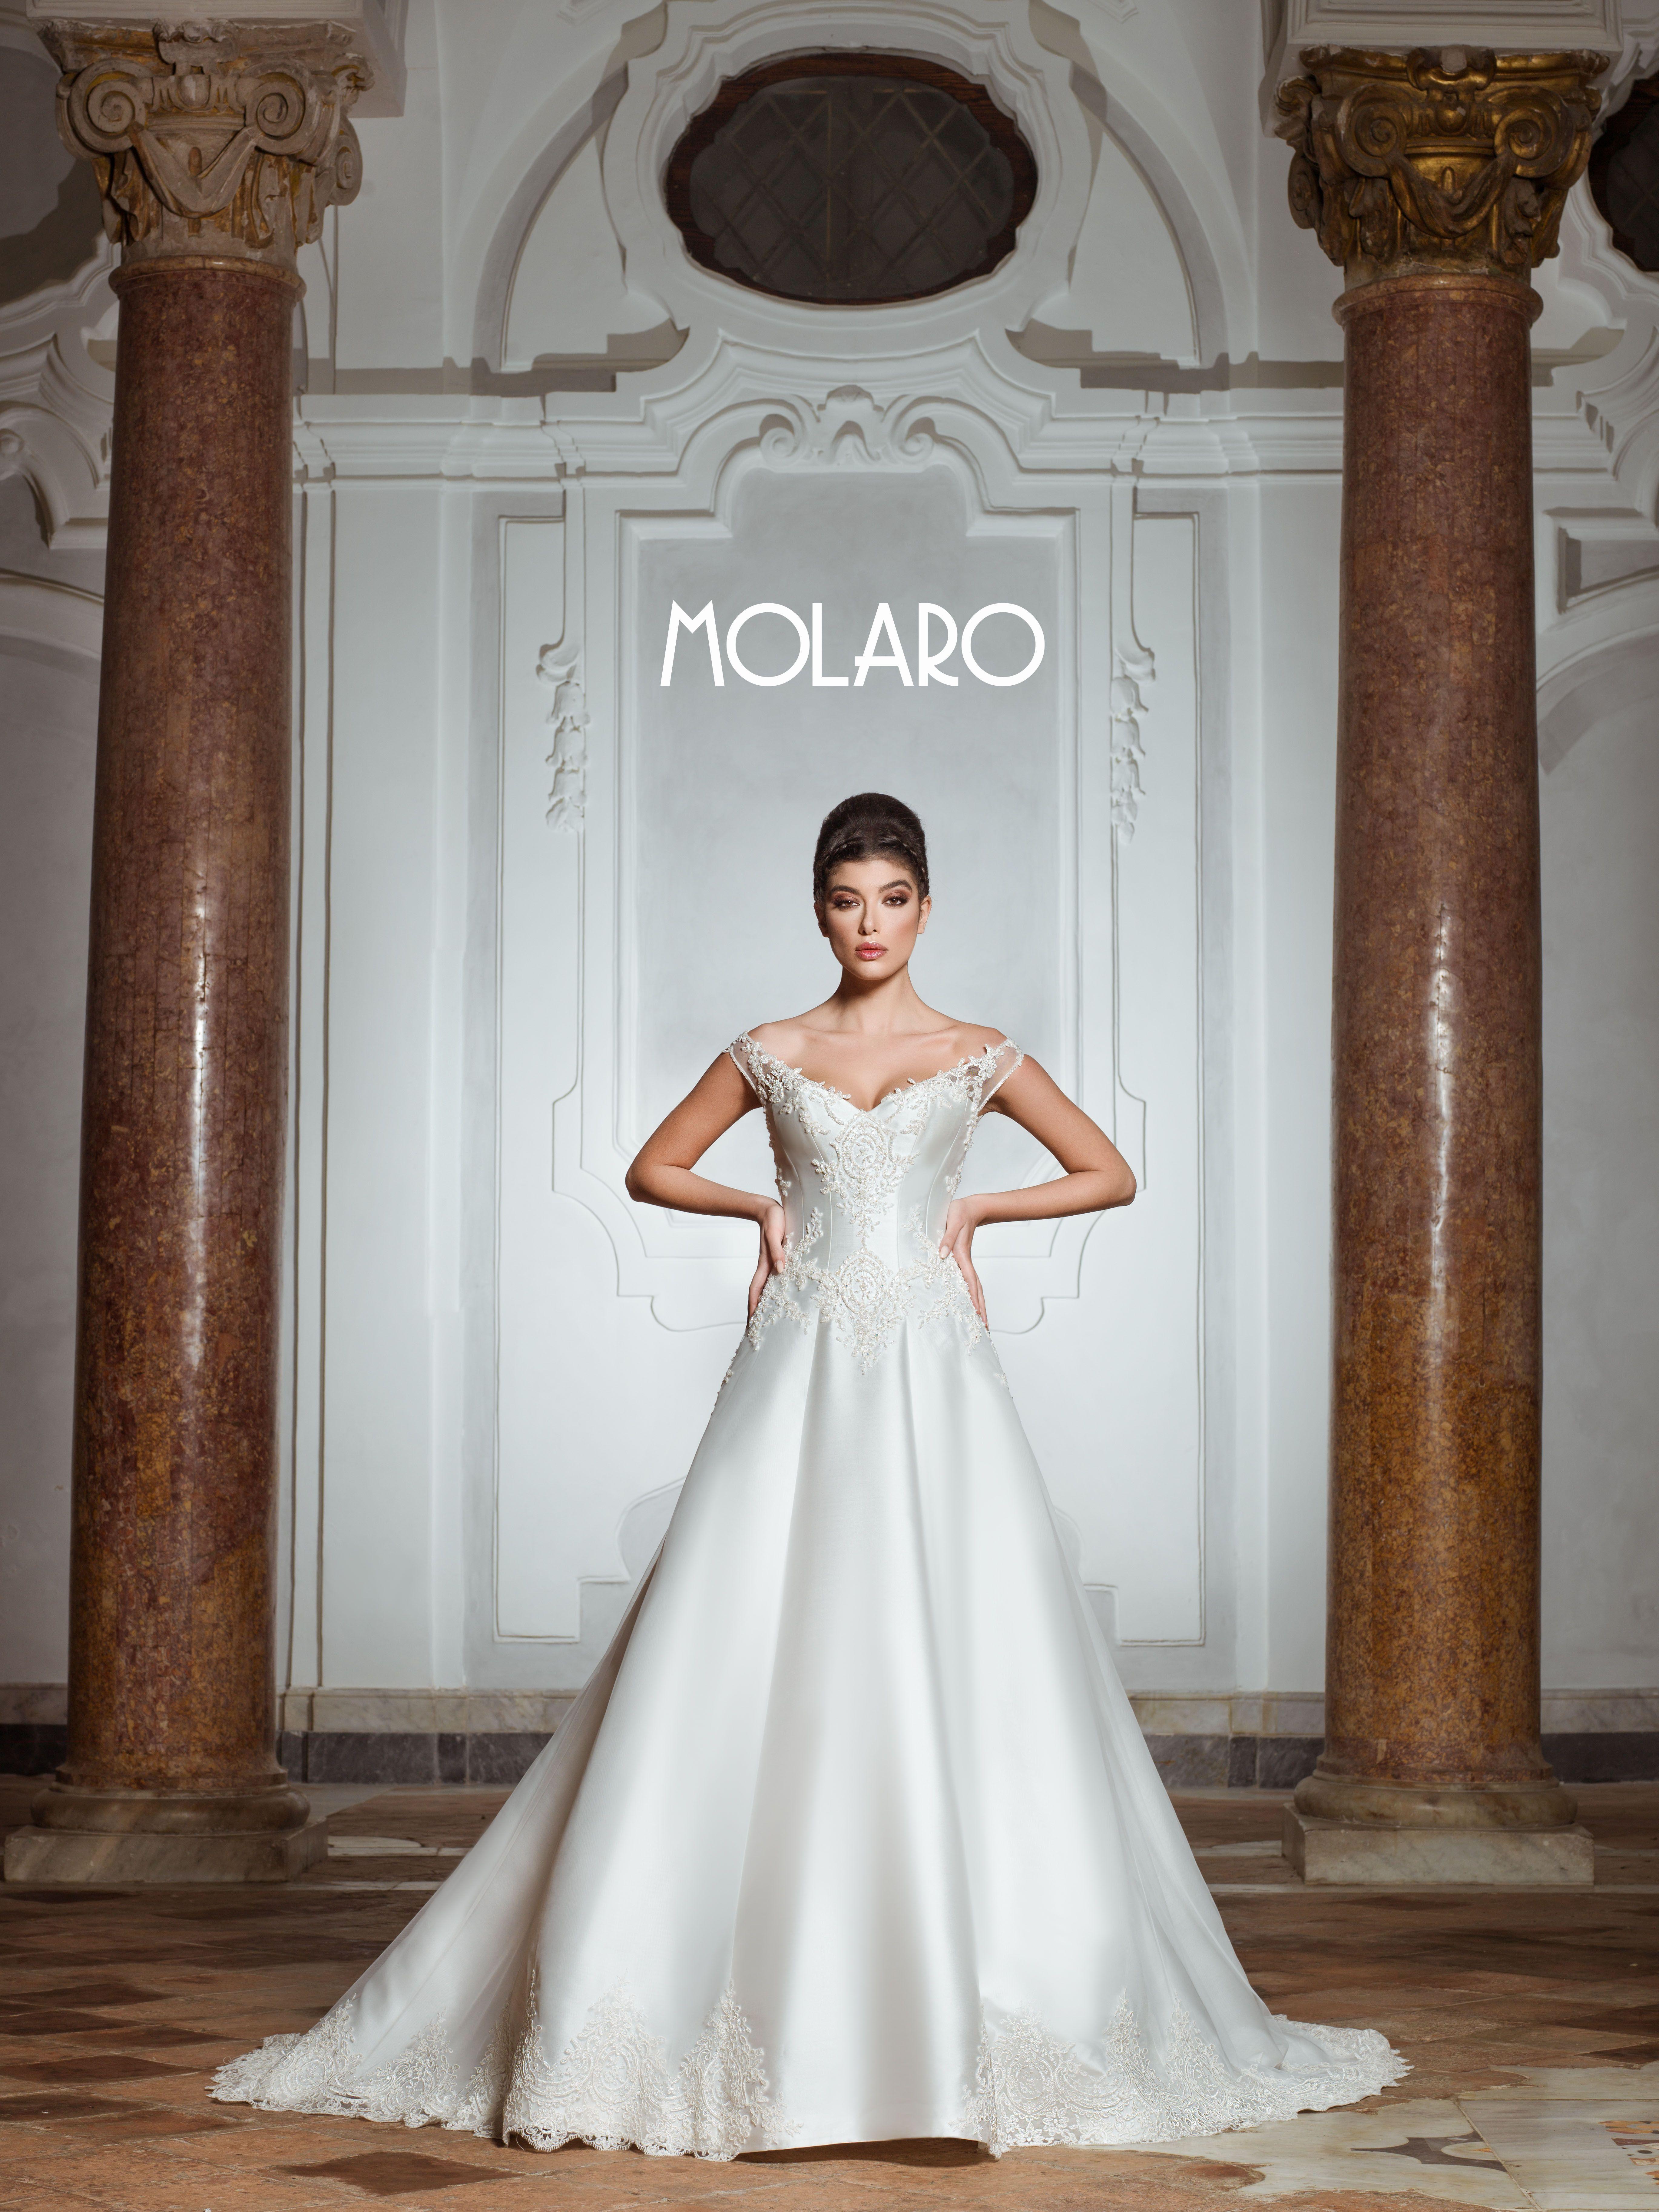 Abito Da Sposa Atelier Gianni Molaro Napoli Roma Weddingdress Abiti Da Sposa 2018 Sposa Abiti Da Sposa